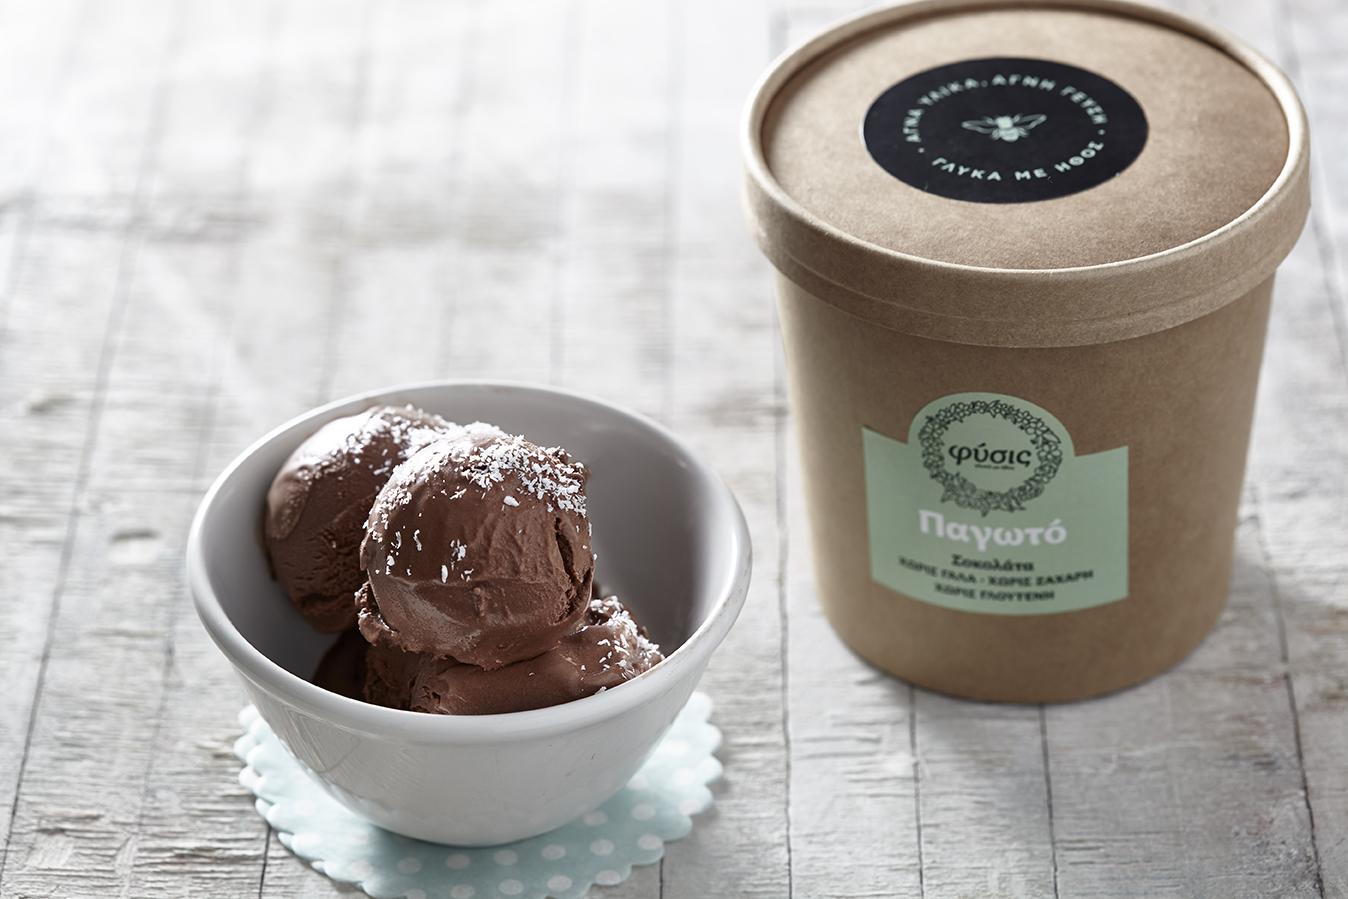 Σοκολάτα Vegan σε χάρτινη συσκευασία